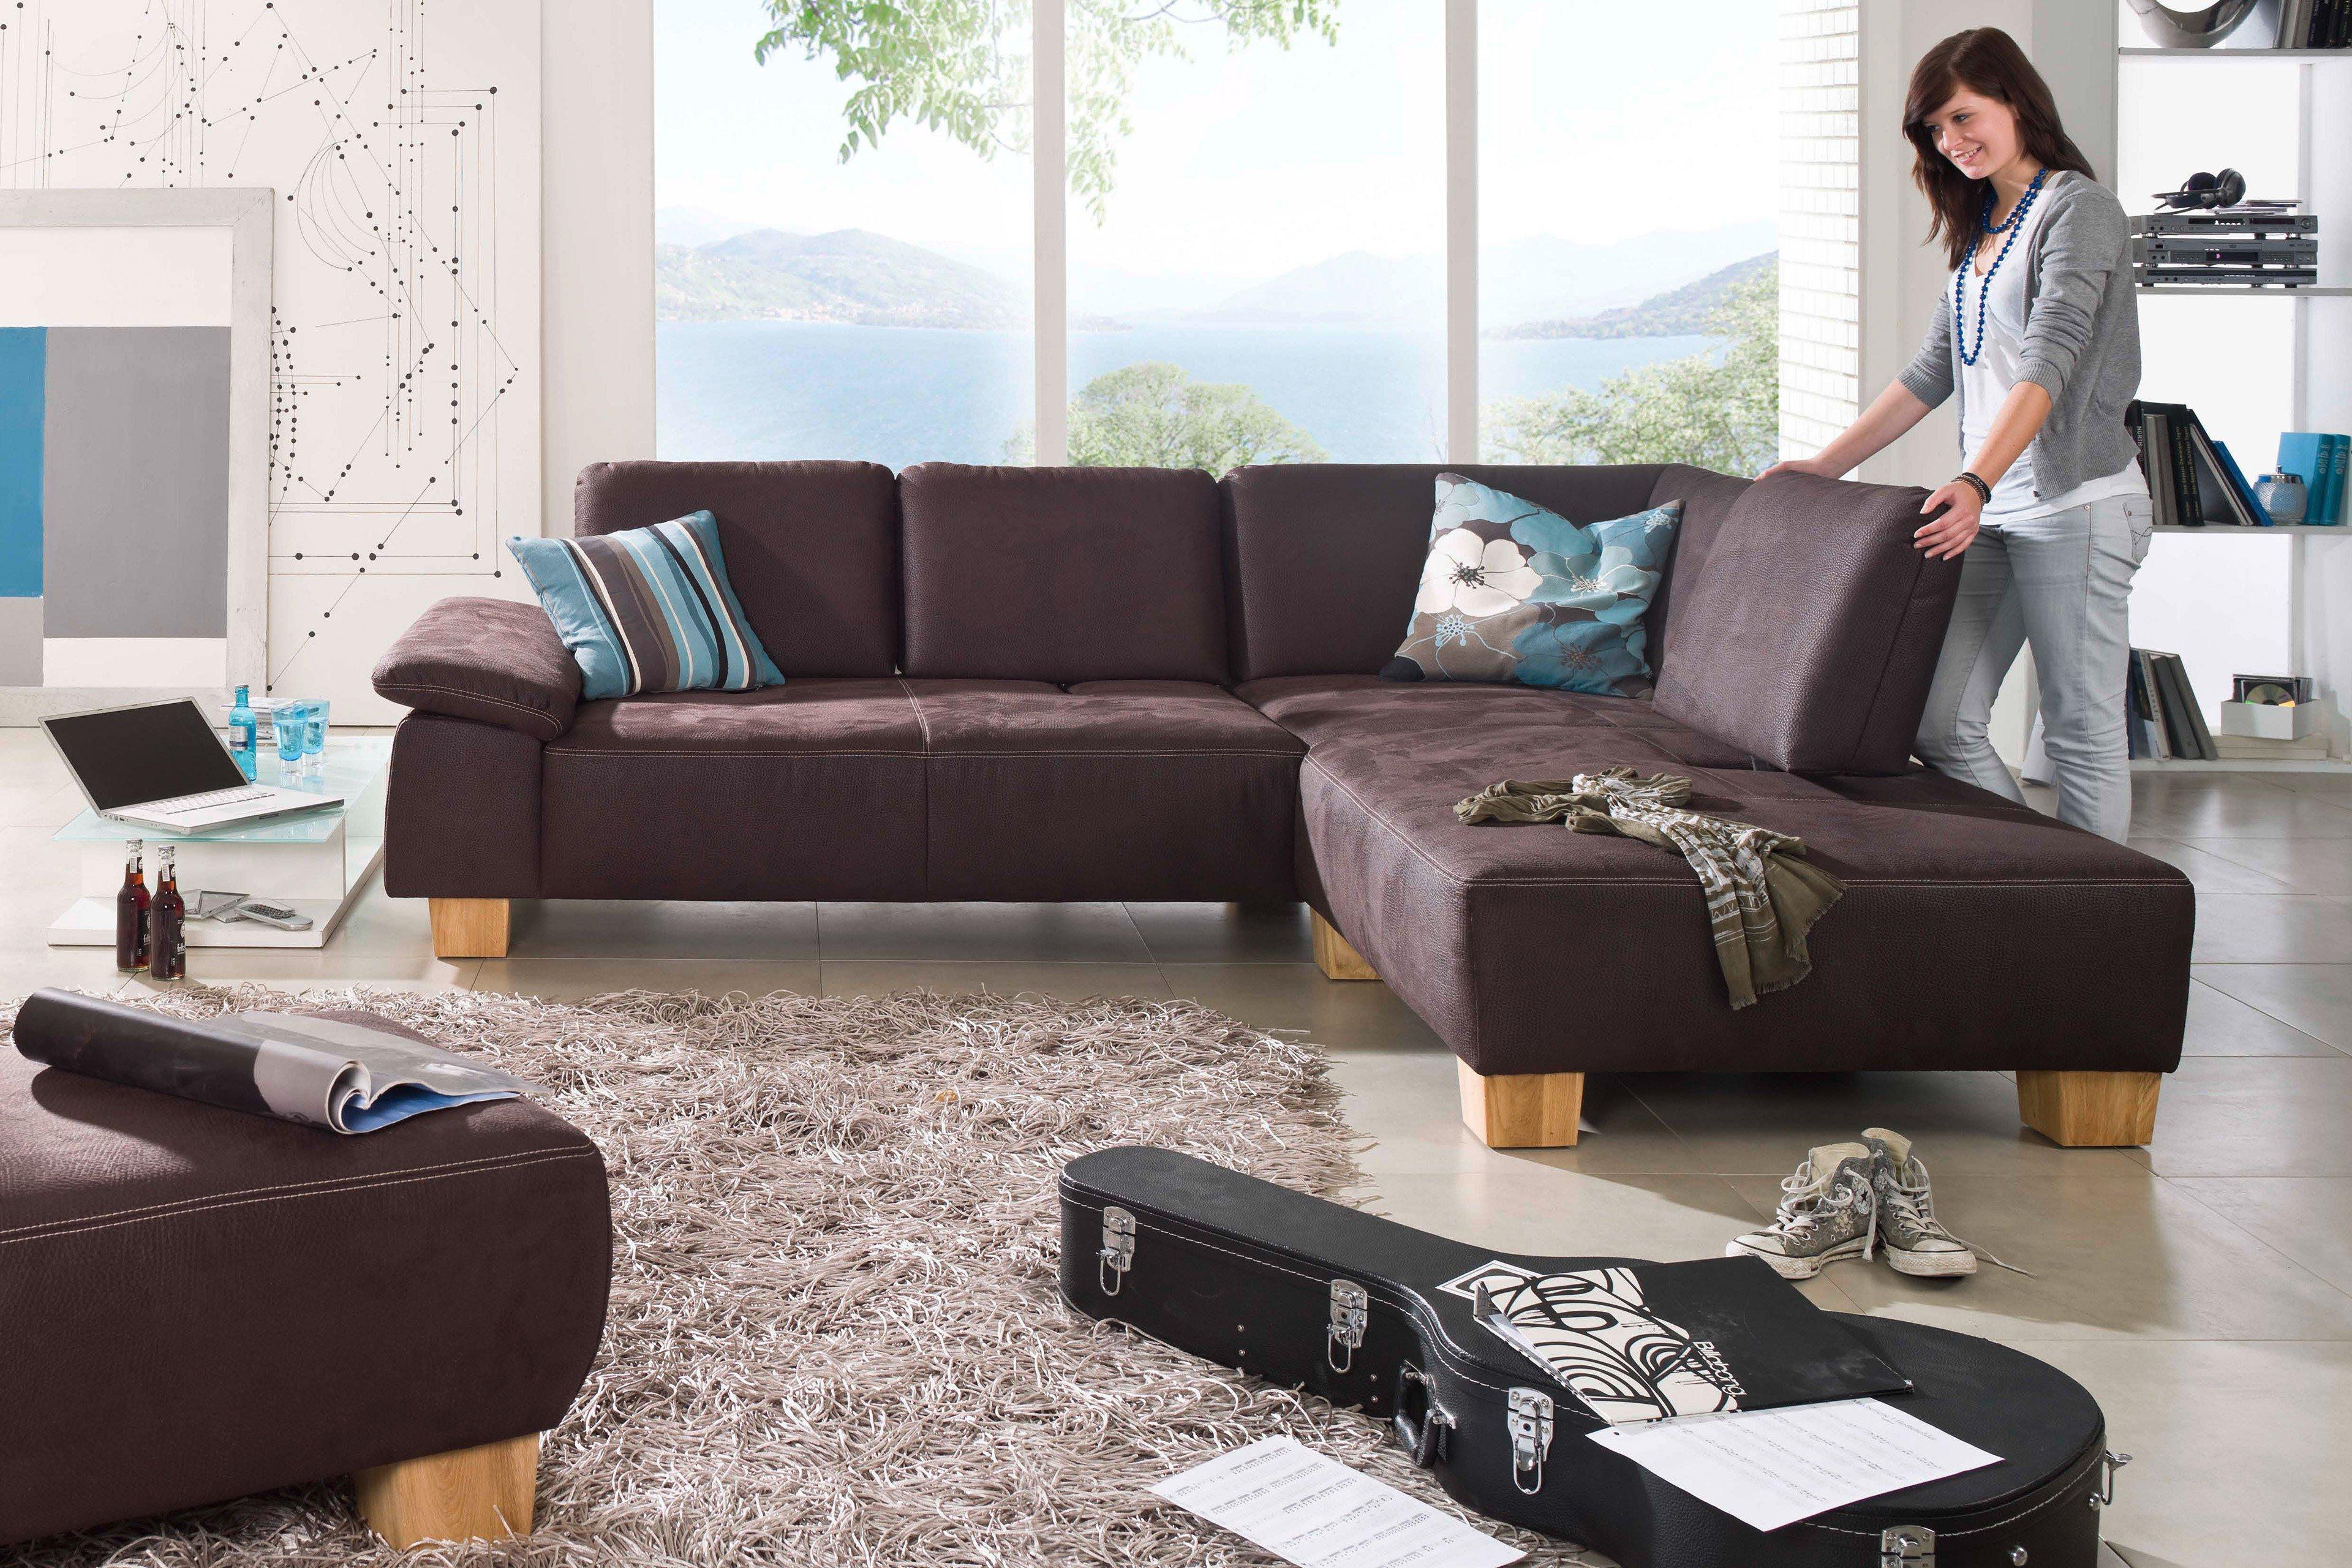 F+S Polstermöbel 2126 Miami Ecksofa braun | Möbel Letz - Ihr Online-Shop